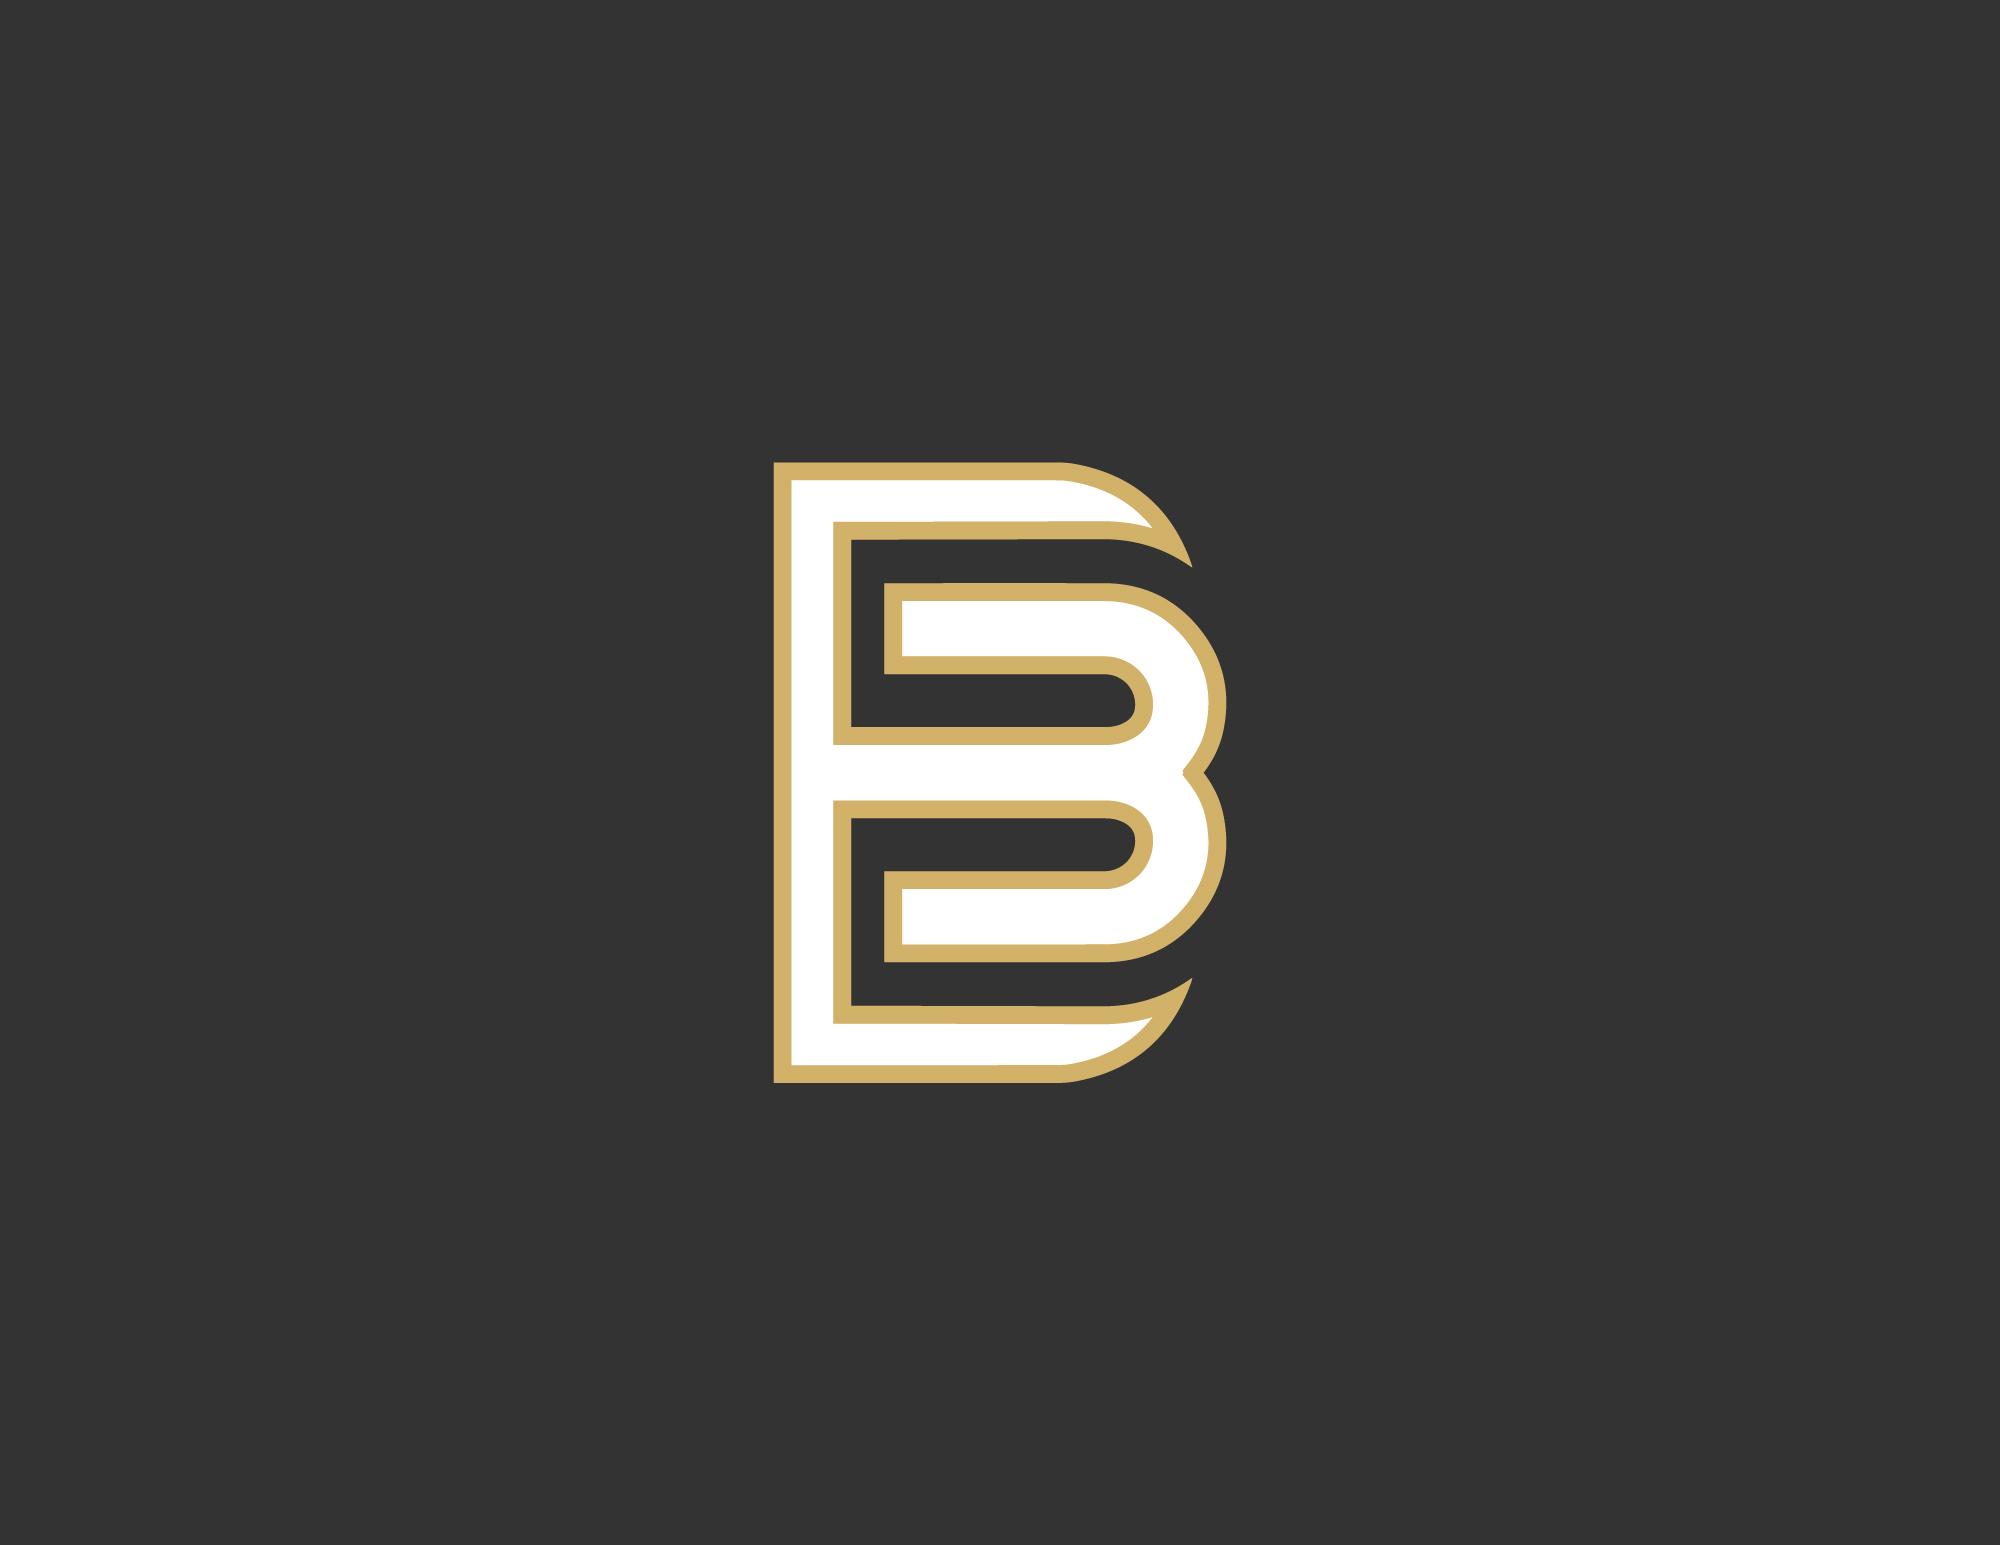 BBB_4.jpg